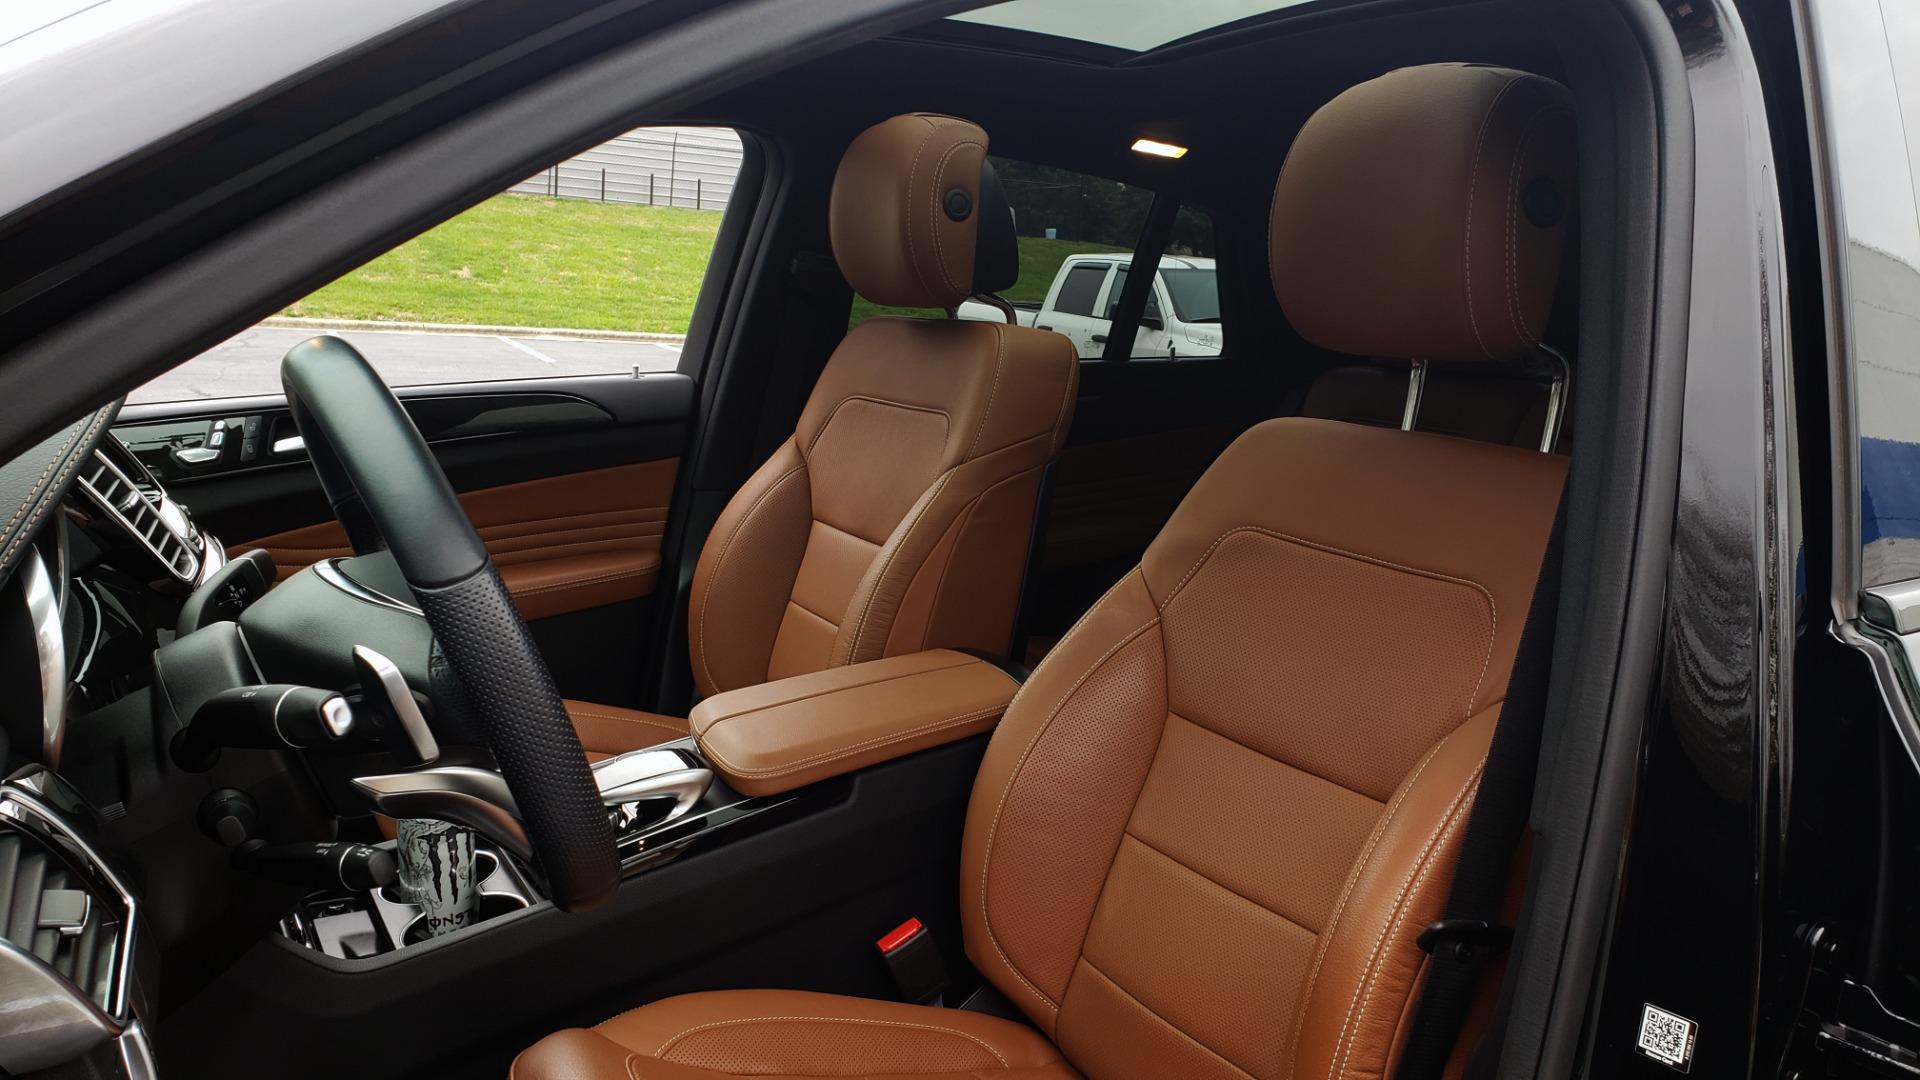 Used 2016 Mercedes-Benz GLE 450 AMG / AWD / PREM PKG / PARK ASST / DRVR ASST / SUNROOF for sale Sold at Formula Imports in Charlotte NC 28227 39